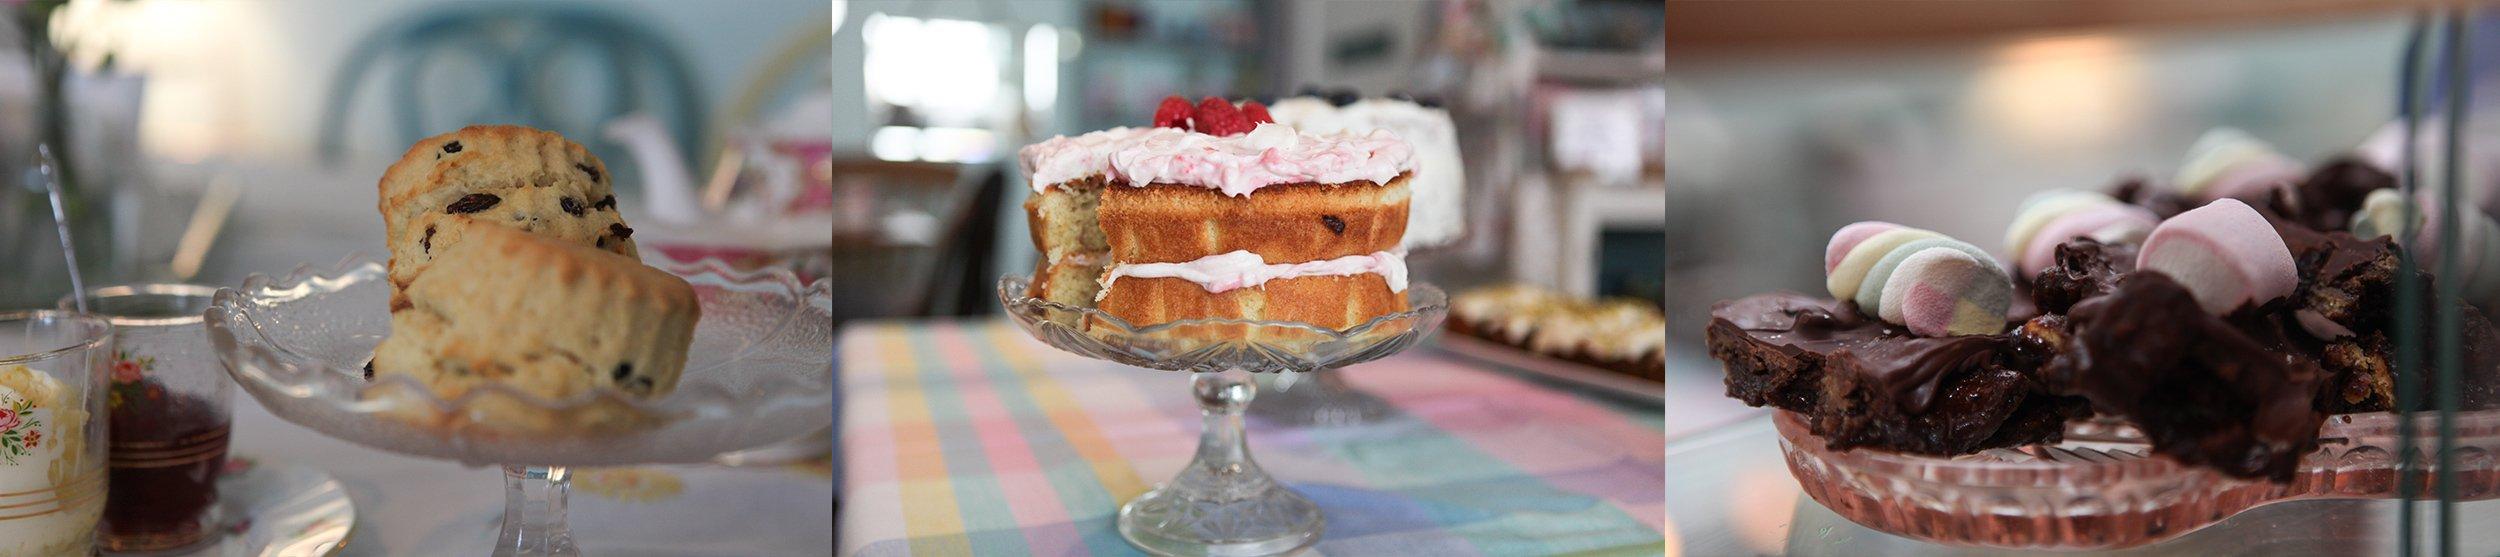 Cakestand & Crumb